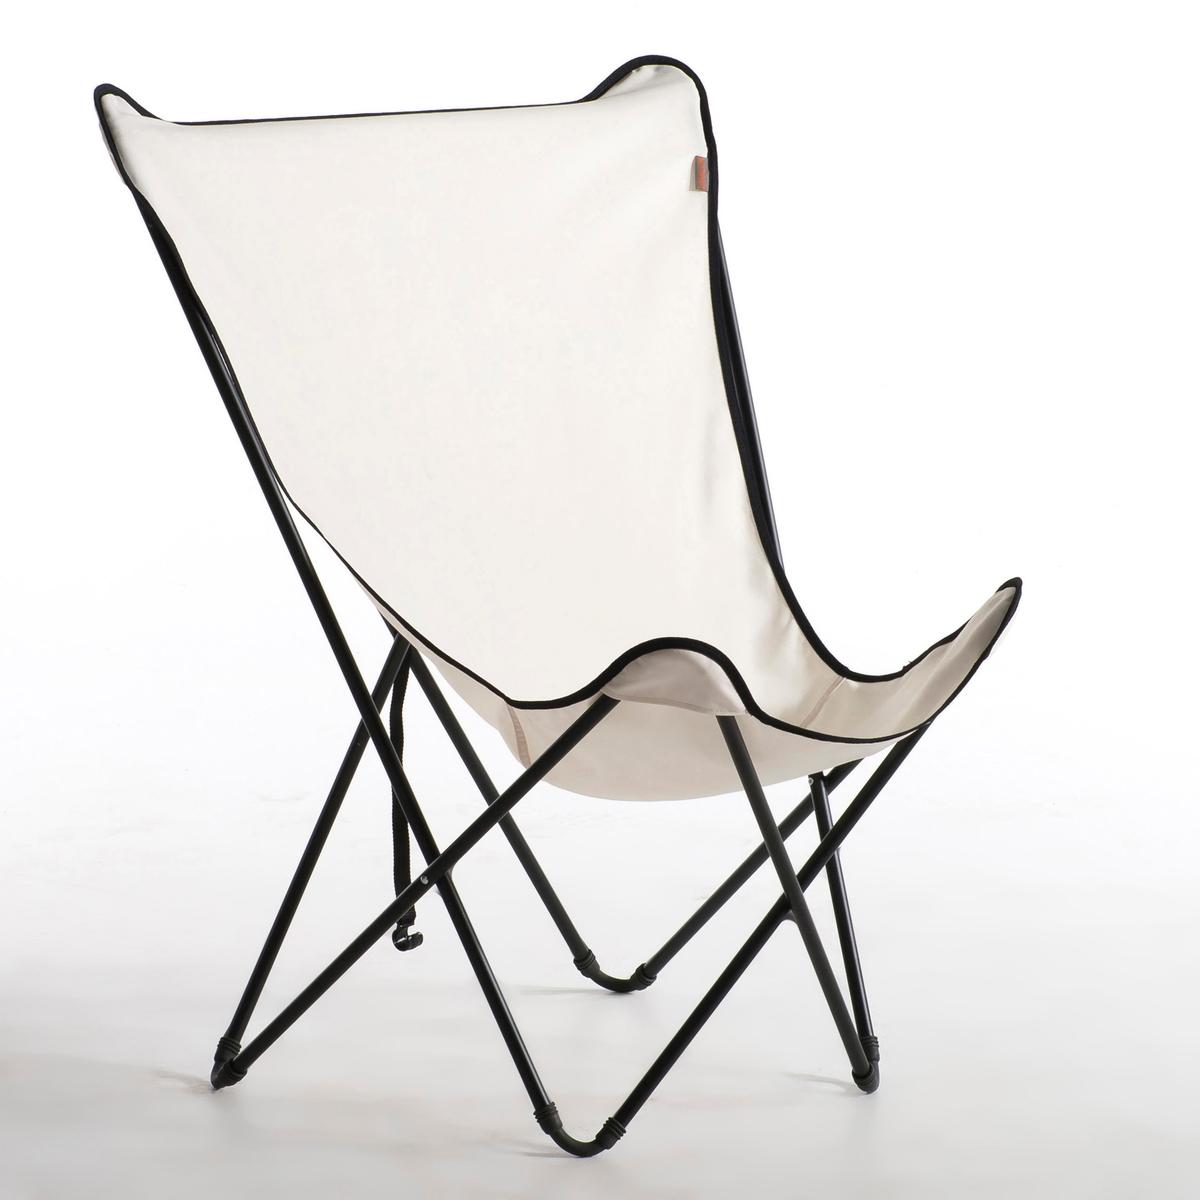 Кресло складное LafumaСкладное кресло POPUP Lafuma. Благадаря размерам с этом кресле удобно сидеть как в помещении, так и на открытом воздухе.Стальной каркас с чёрным лакированным покрытием. Детали соединения из пропитанного эластомера (эксклюзивный патент Lafuma) обеспечивают автоматическое раскладывание кресла. Полотно, 100% полиэстера, снимается благодаря системе велкро (стирка при 30°). Отделка шнуром чёрного цвета. Ремень для фиксации кресла в сложенном состоянии. Размер : Д.80 x Г.75  x В.97 см (в сложенном виде: 15 x 15 x 120 см).<br><br>Цвет: белый/черный